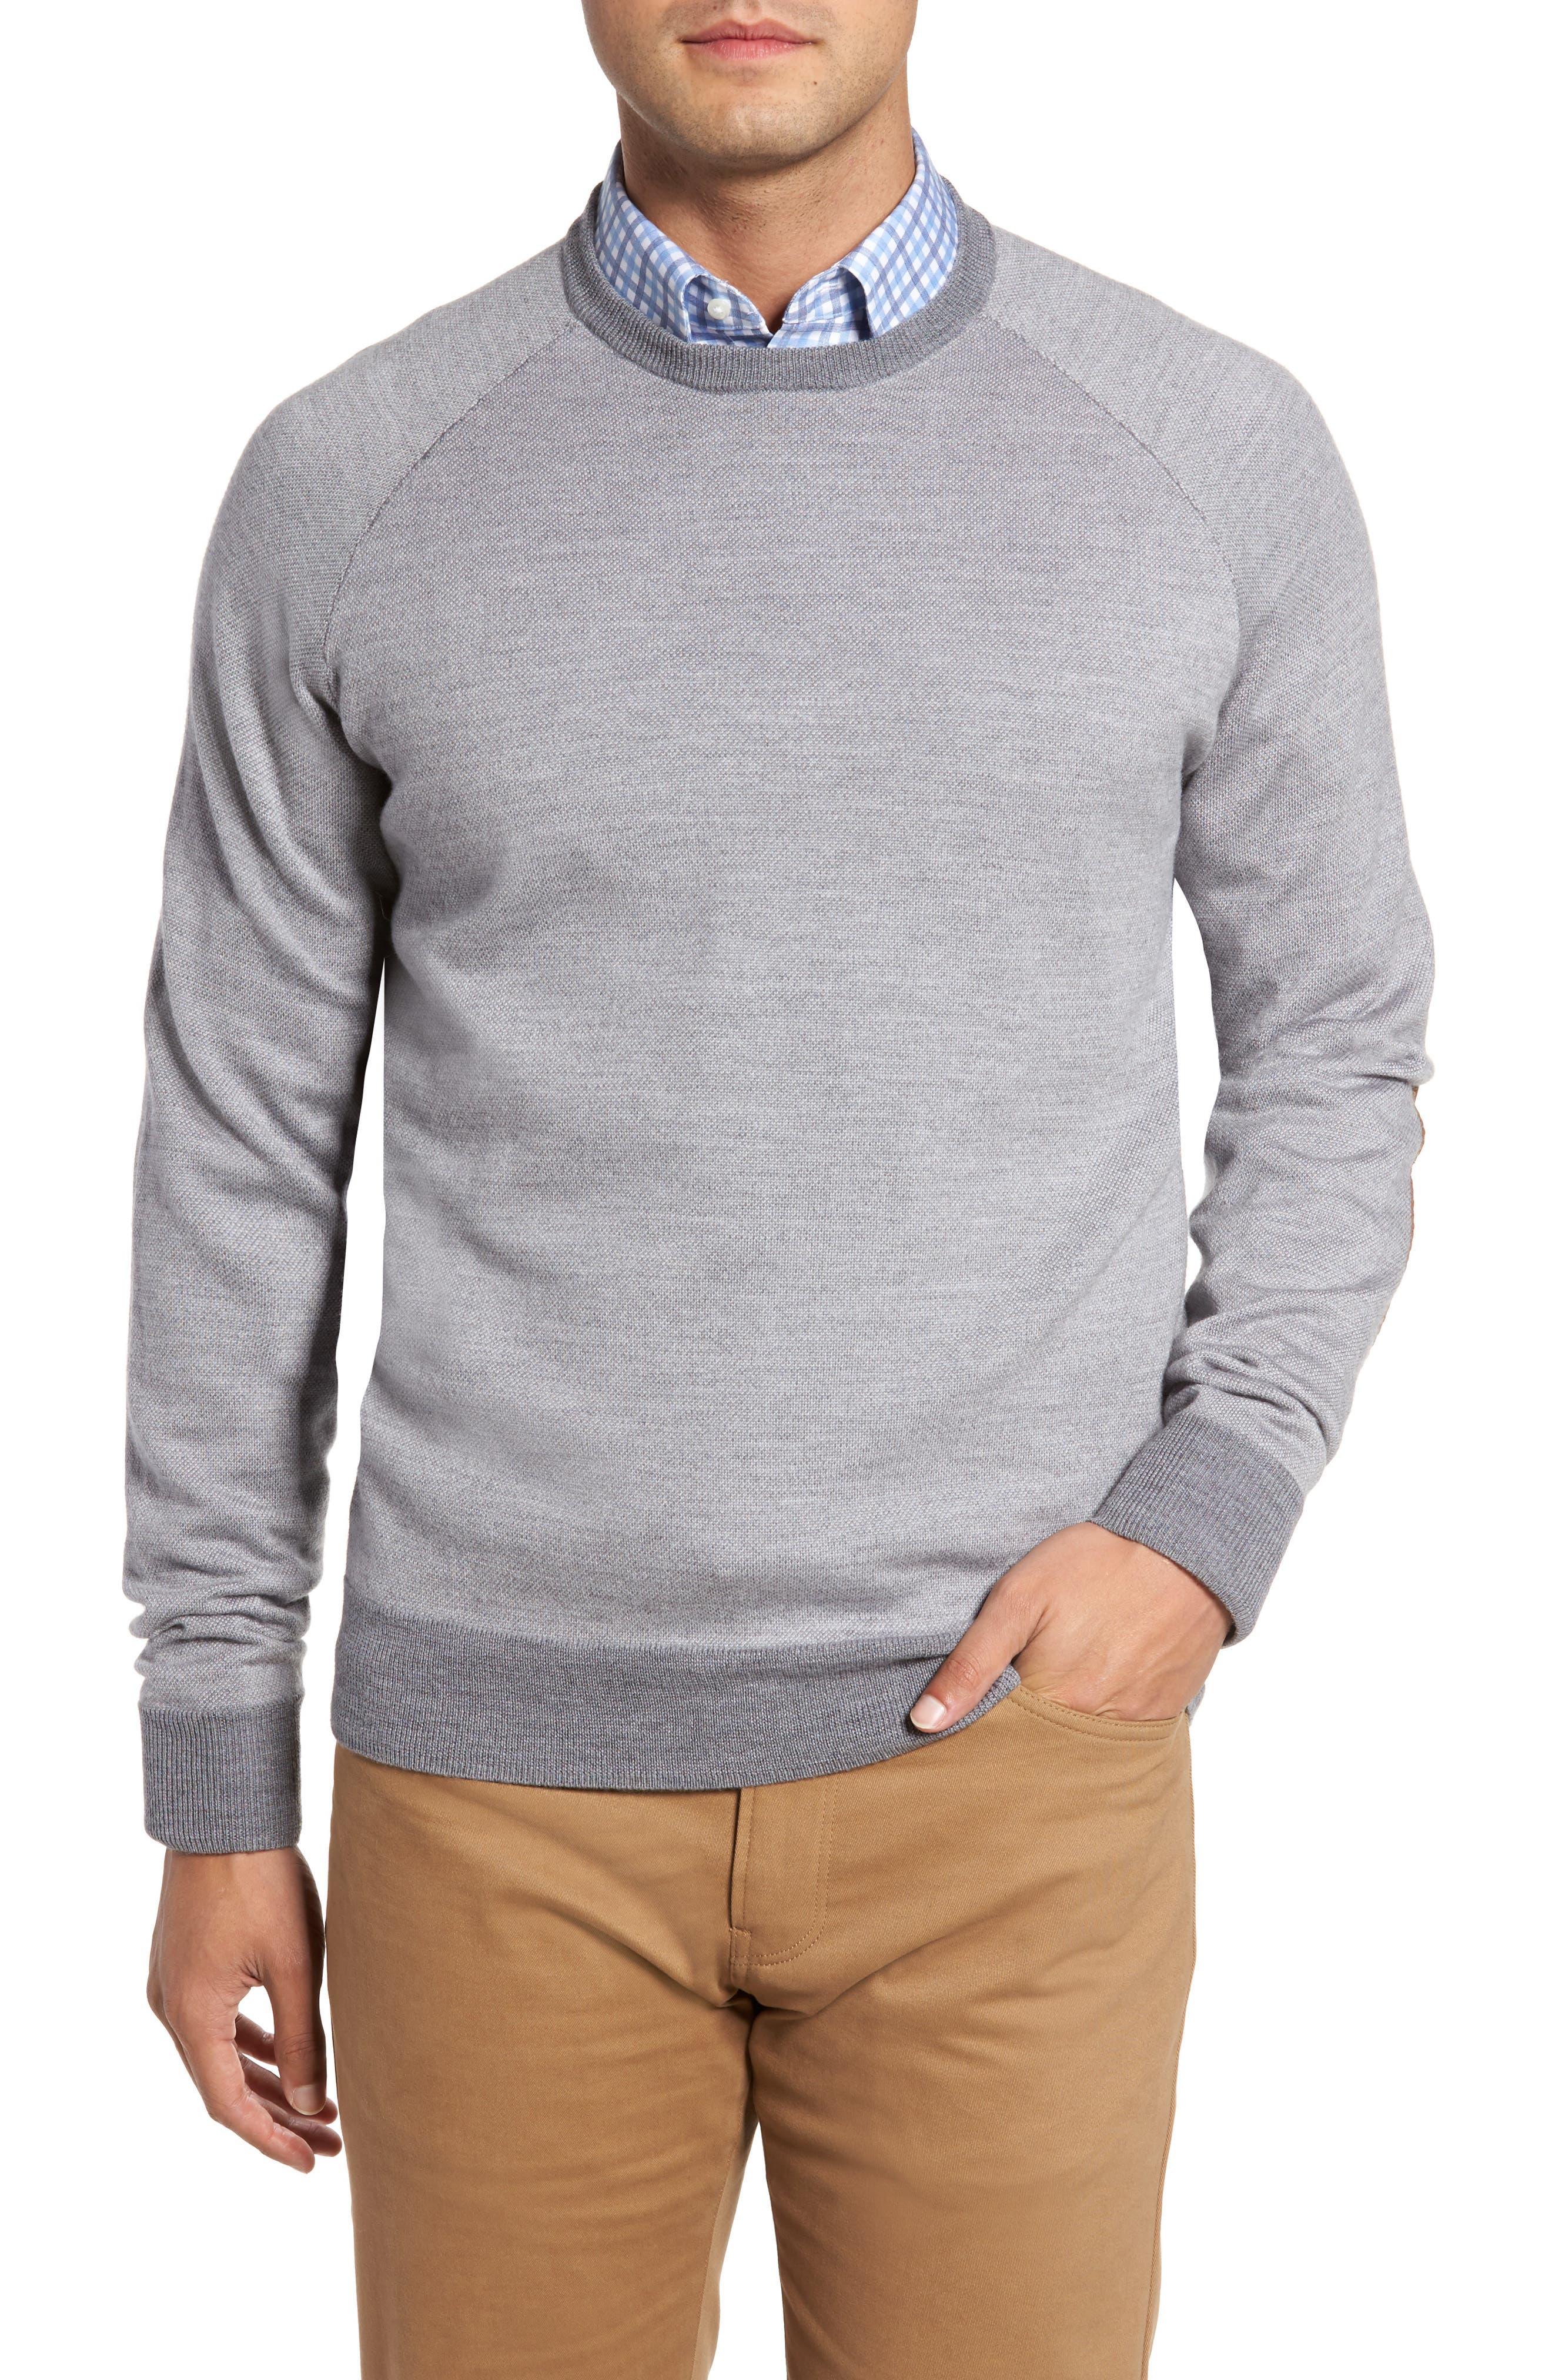 Soltice Merino Sweater,                         Main,                         color, Stingray